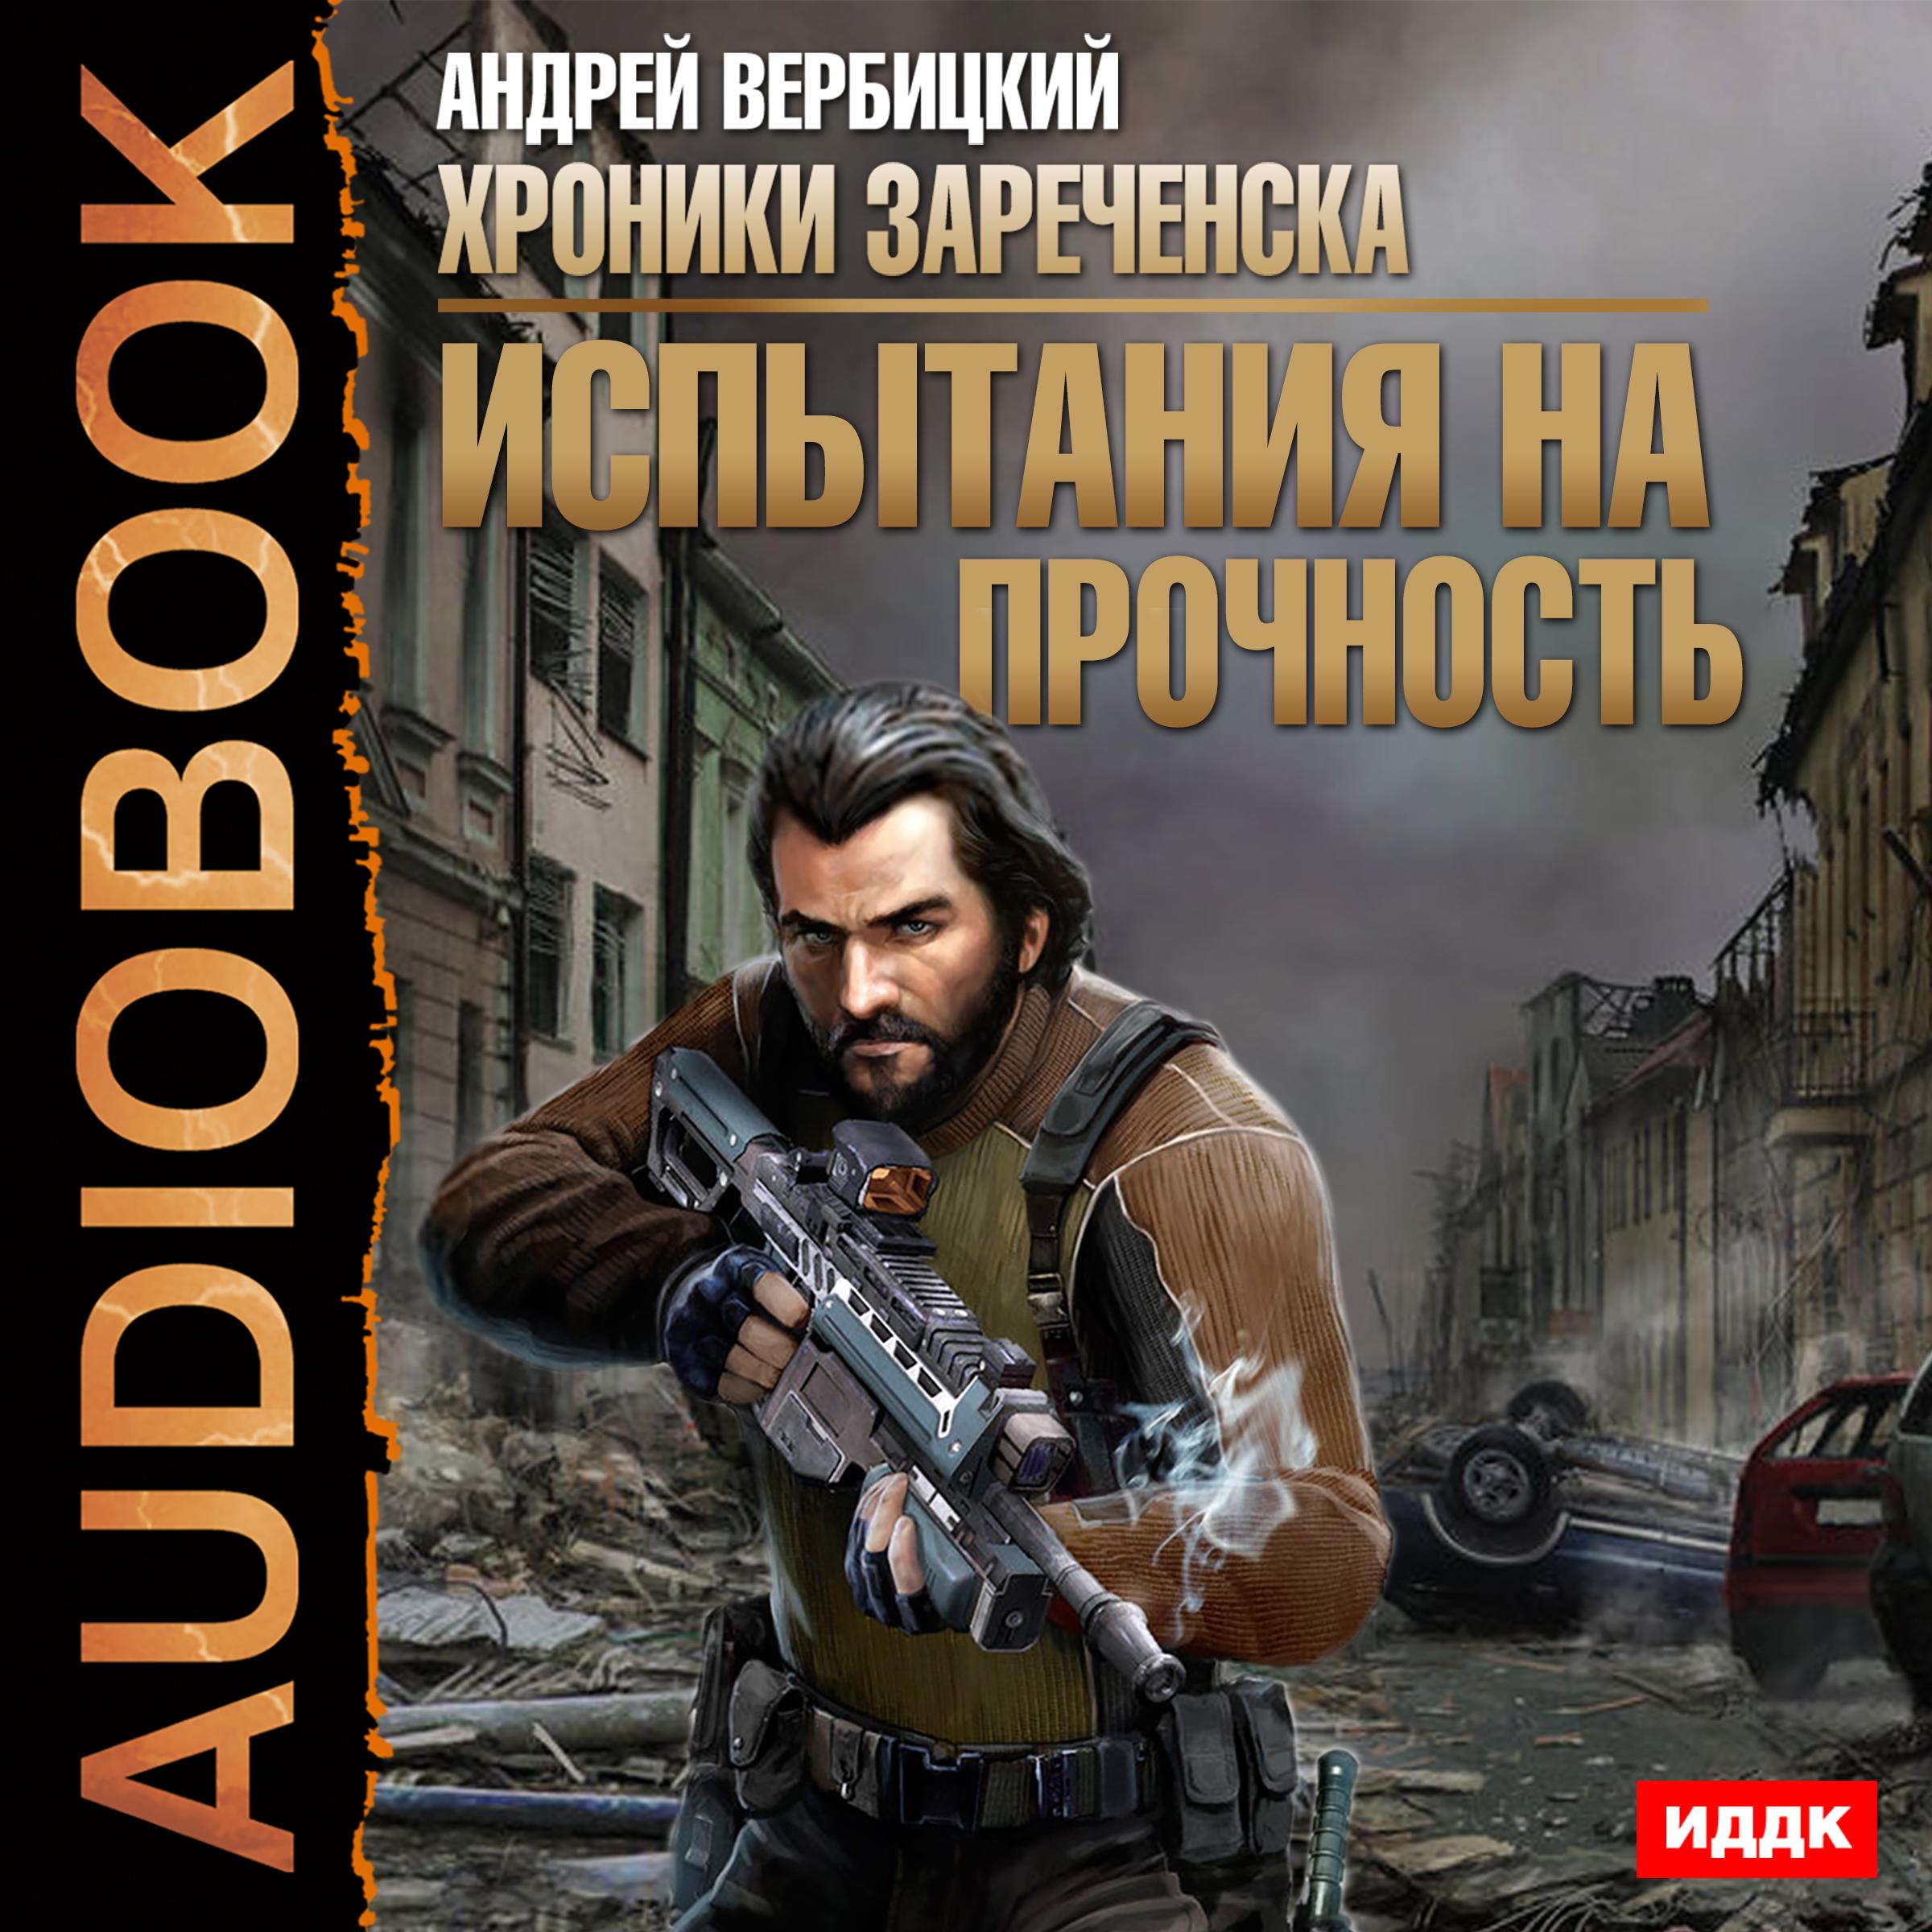 Андрей Вербицкий Испытания на прочность андрей вербицкий безжалостный край